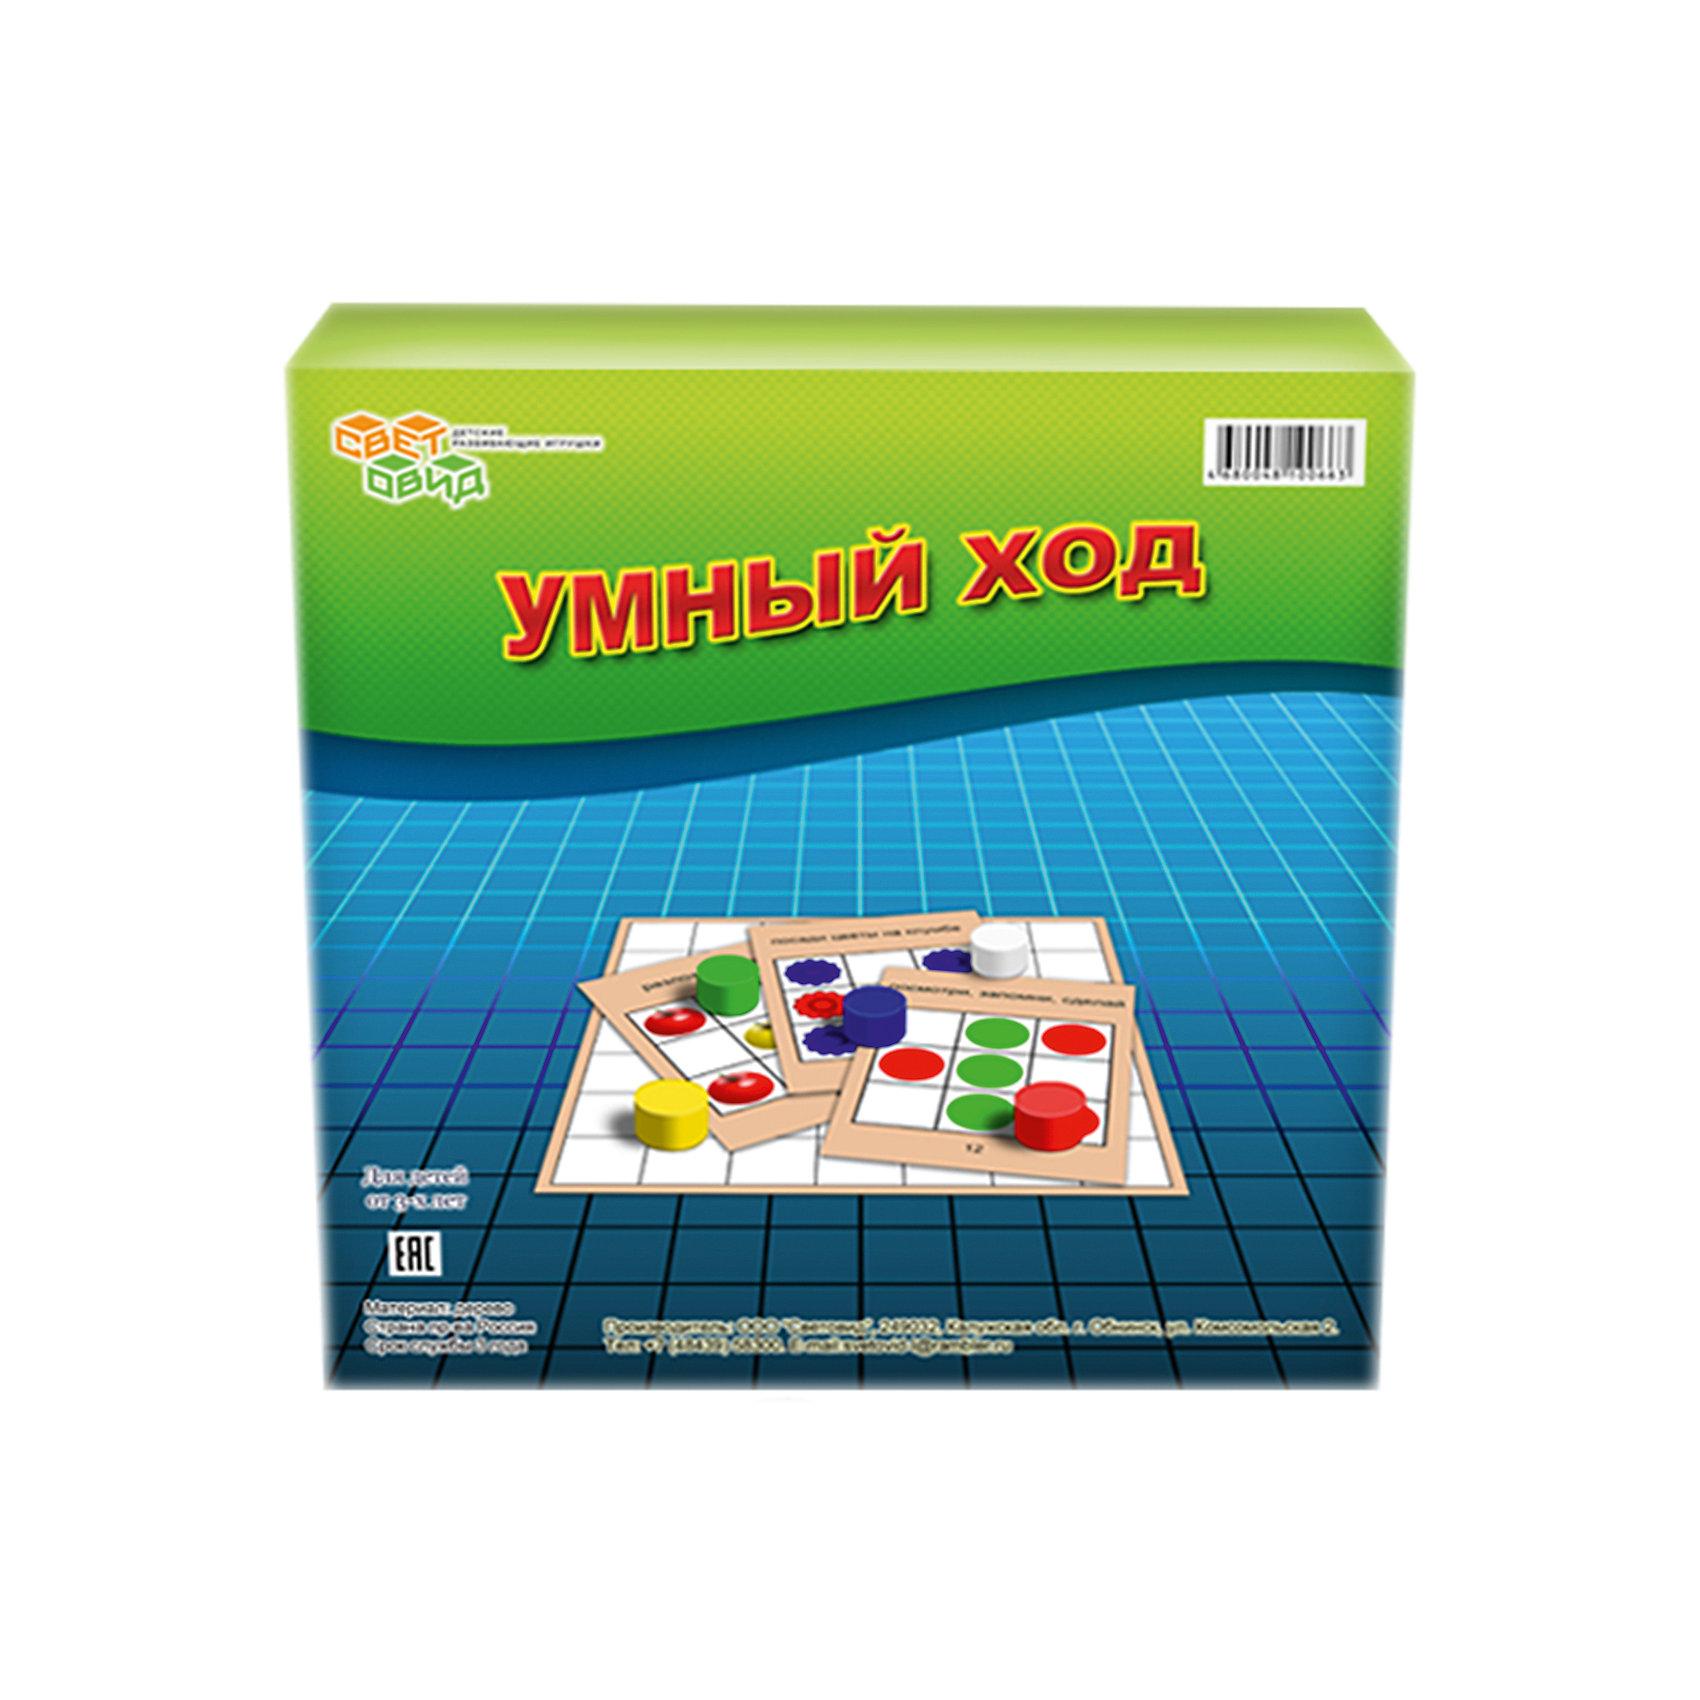 Умный ход, (коробка картон), СветовидМетодики раннего развития<br>Игра Умный ход создана для развития у ребенка пространственного воображения и зрительной памяти. К игре прилагаются карточки-задания, игровое поле и разноцветные фишки из дерева. Игра состоит в том, что ребенку необходимо по памяти повторить тот порядок расположения фишек, который показан на карточке задания. Задания усложняются по мере освоения ребенком заданий: вводятся дополнительные фишки, дополнительные цвета.<br><br>Ширина мм: 238<br>Глубина мм: 240<br>Высота мм: 43<br>Вес г: 450<br>Возраст от месяцев: 36<br>Возраст до месяцев: 2147483647<br>Пол: Унисекс<br>Возраст: Детский<br>SKU: 6894286